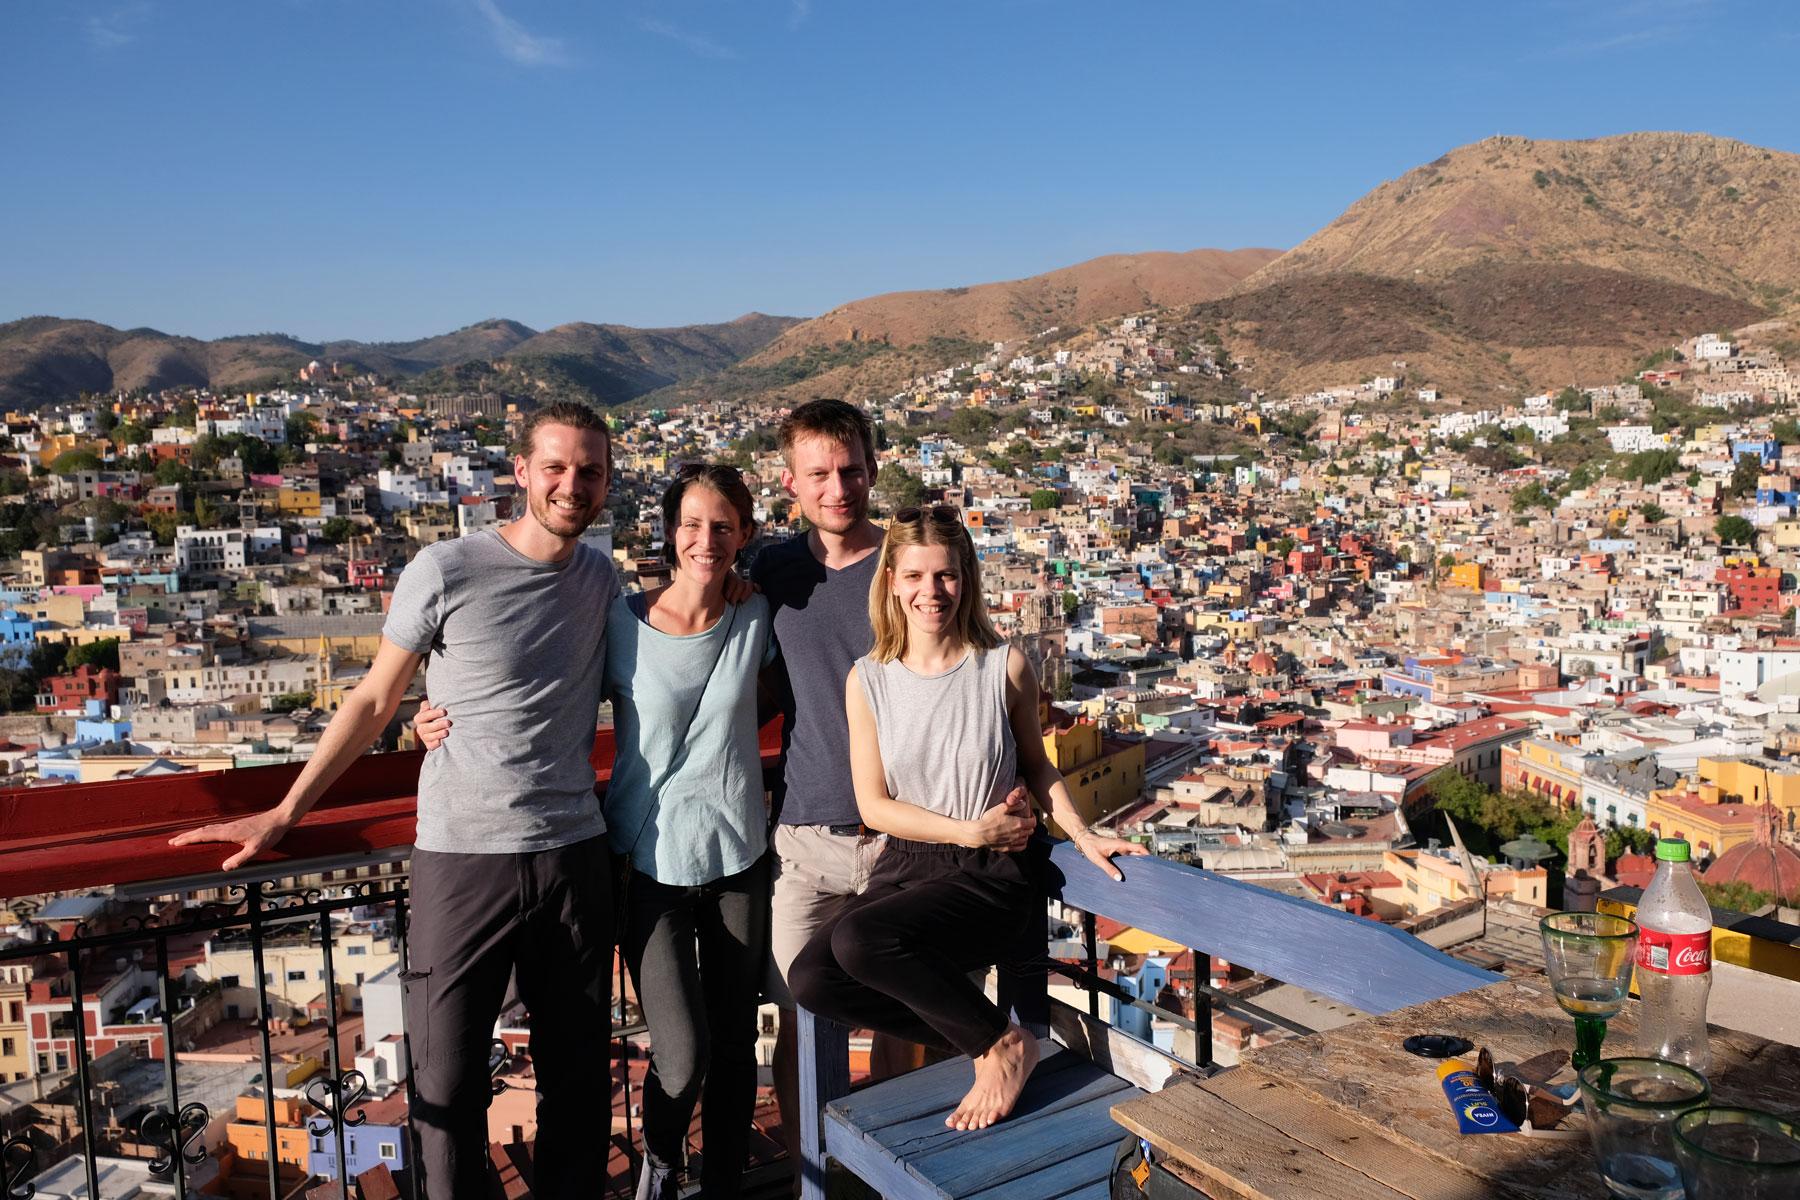 Leo und Sebastian mit ihren Freunden Pefi und Alex in Guanajuato in Mexiko.